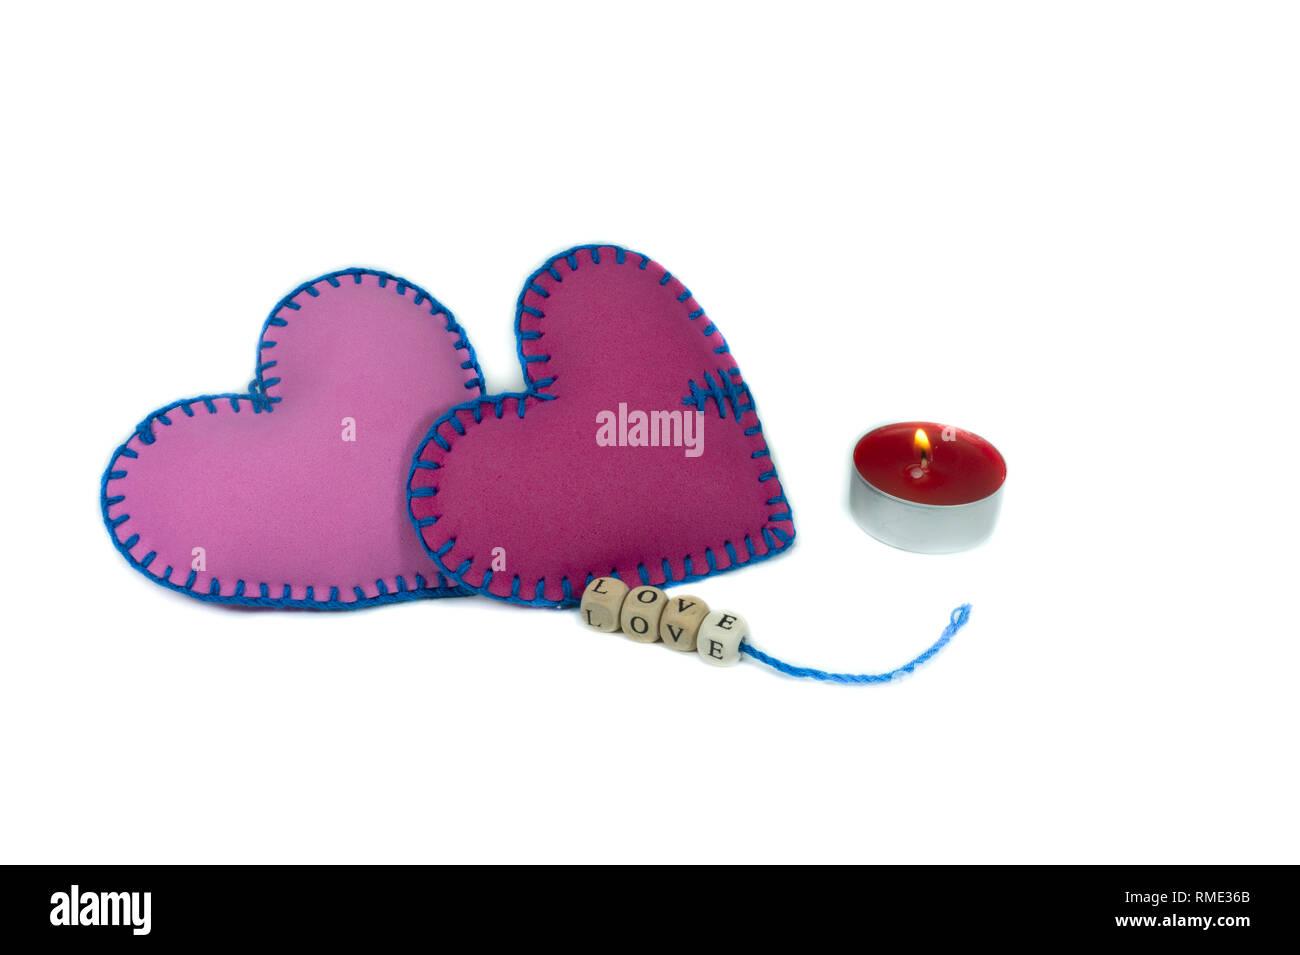 Gebrauchte Textilmaschinen Herzen mit dem Wort Liebe auf Blöcken auf Strings auf weißem Hintergrund für eine romantische Beziehung isoliert mit Gewinde genäht, Valentinstag, Brok Stockfoto